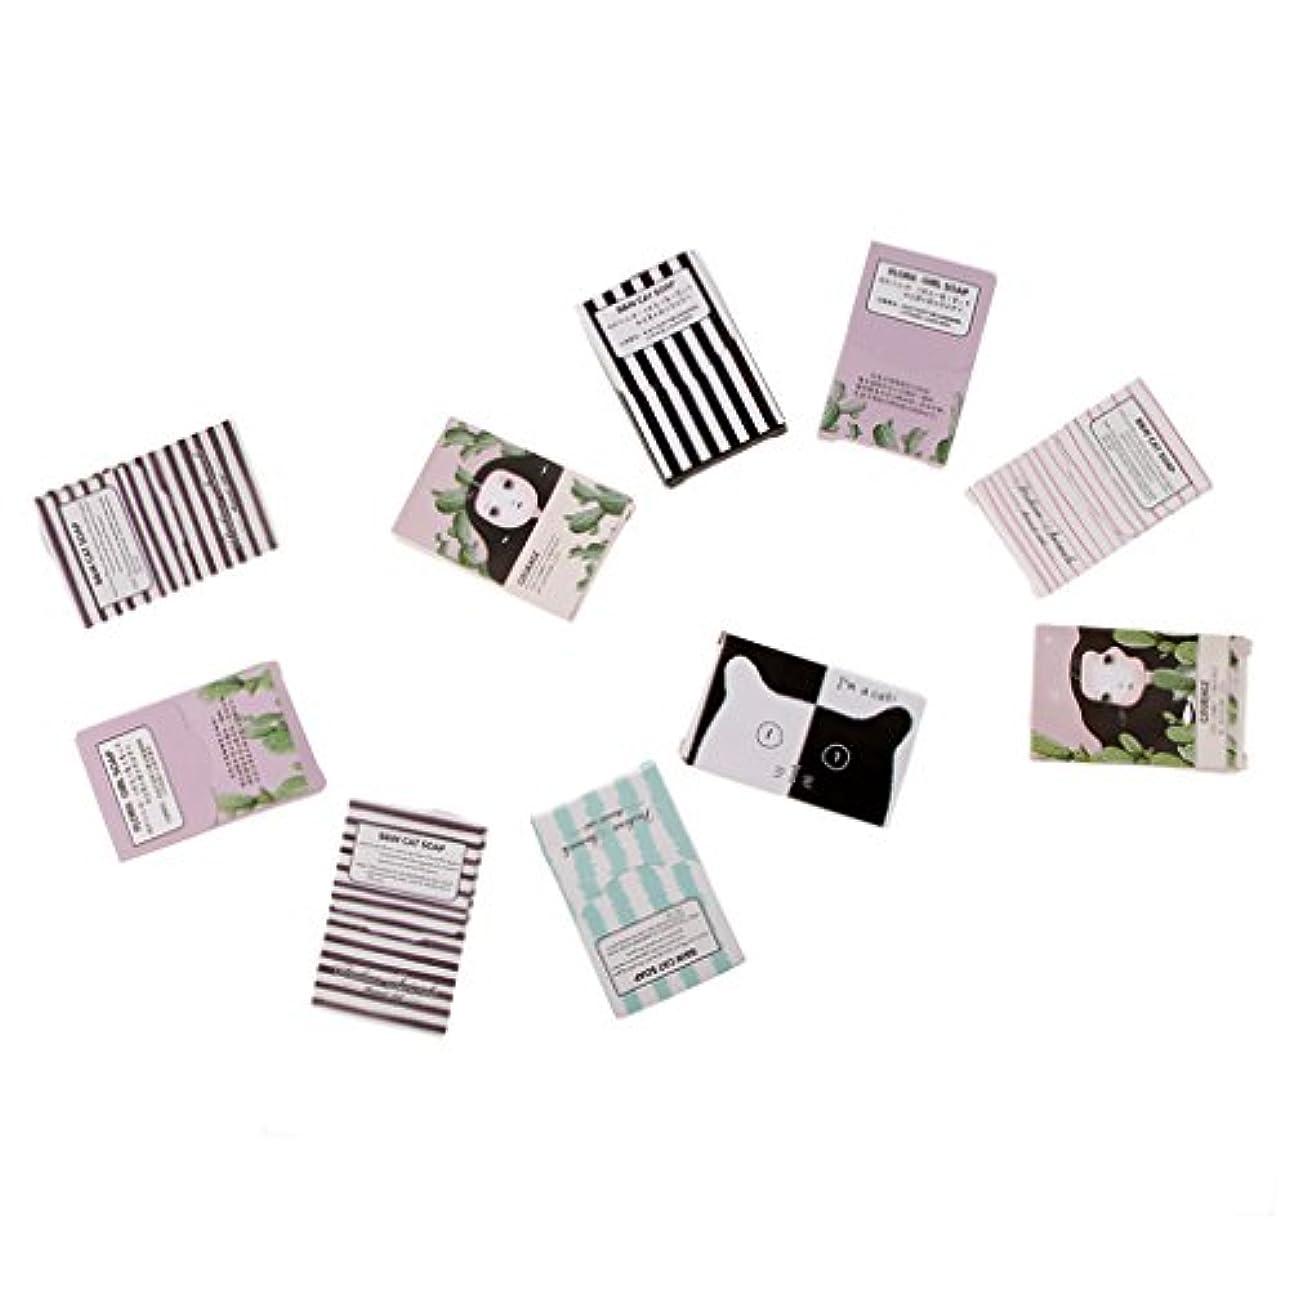 スペル十分ではない分類石鹸シート 手洗い 石鹸フレーク キャン プアウトドア 旅行紙 約150枚